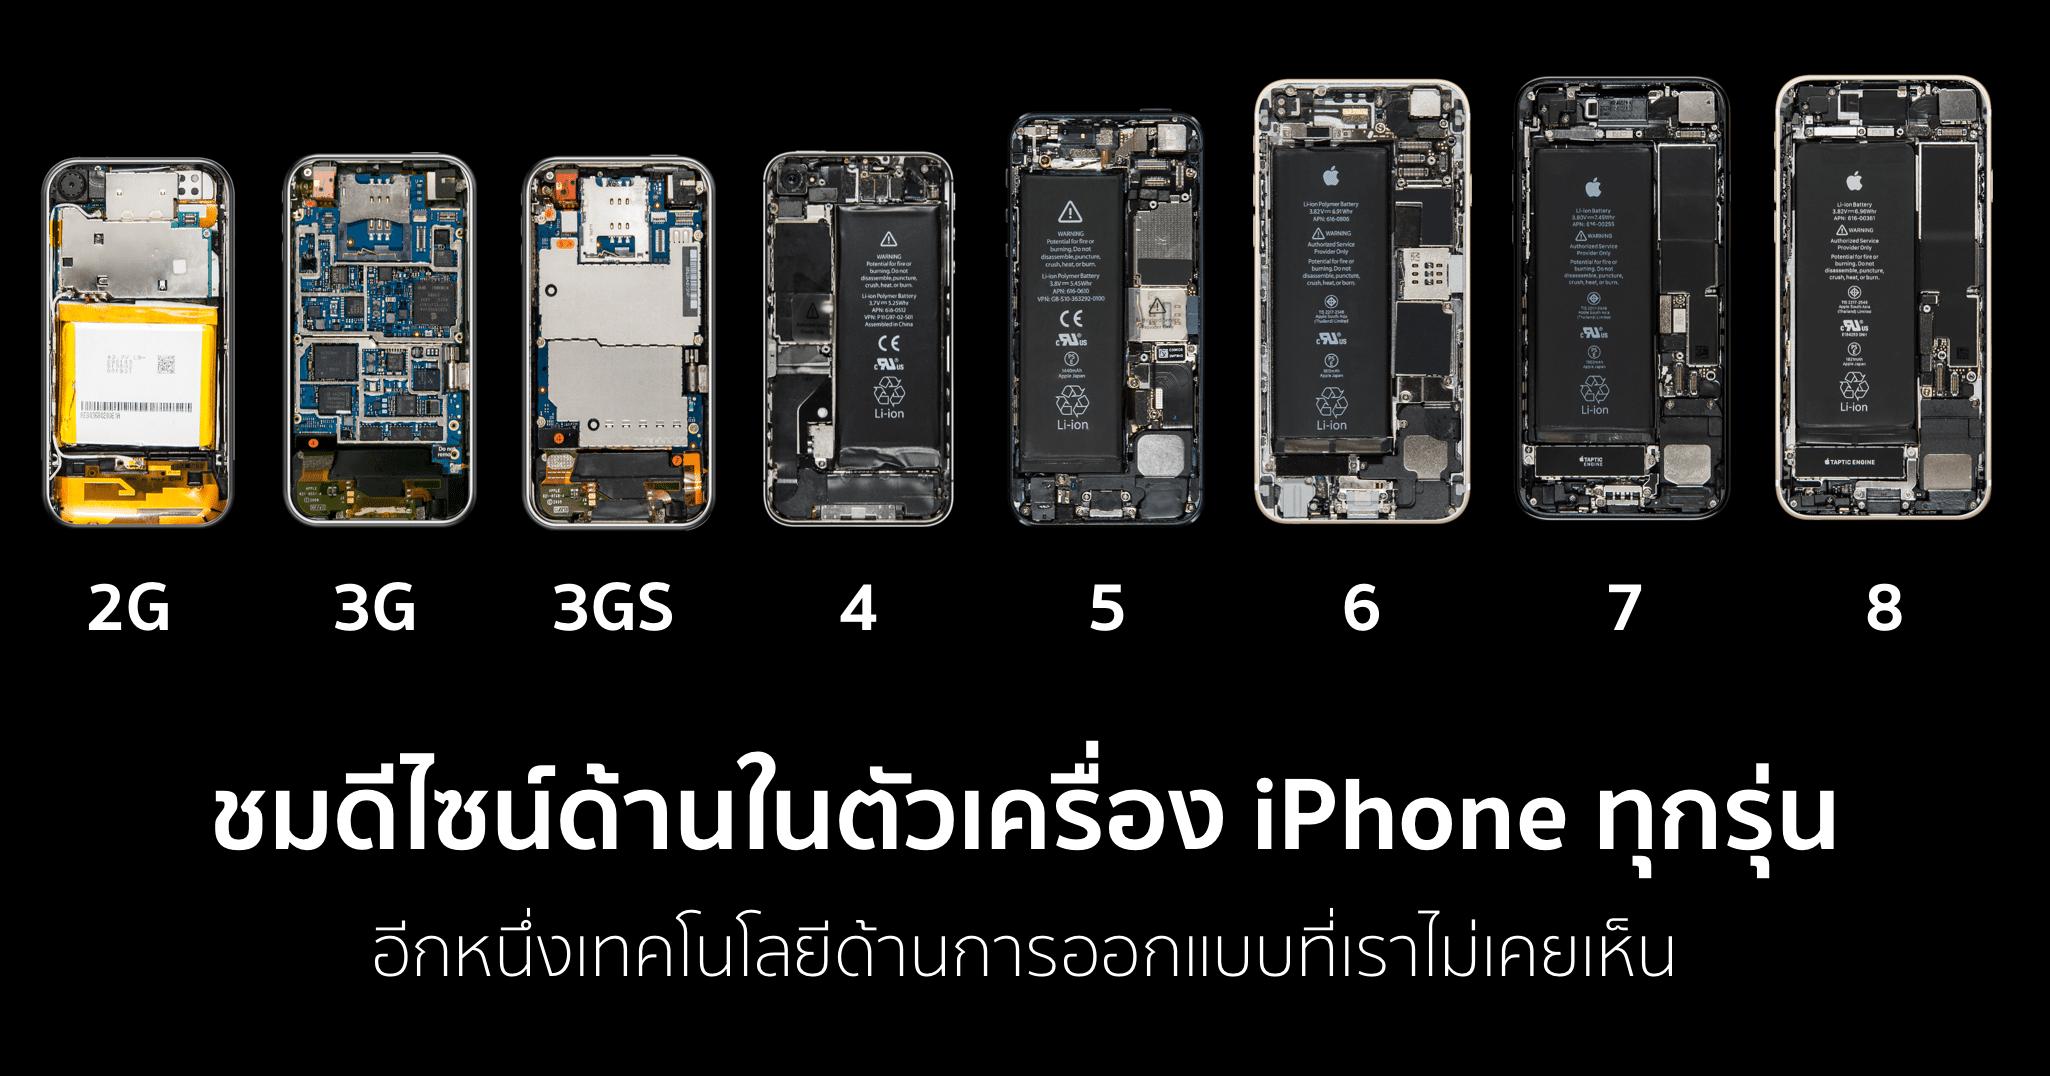 iphone-inside-10-year-breakdown 2